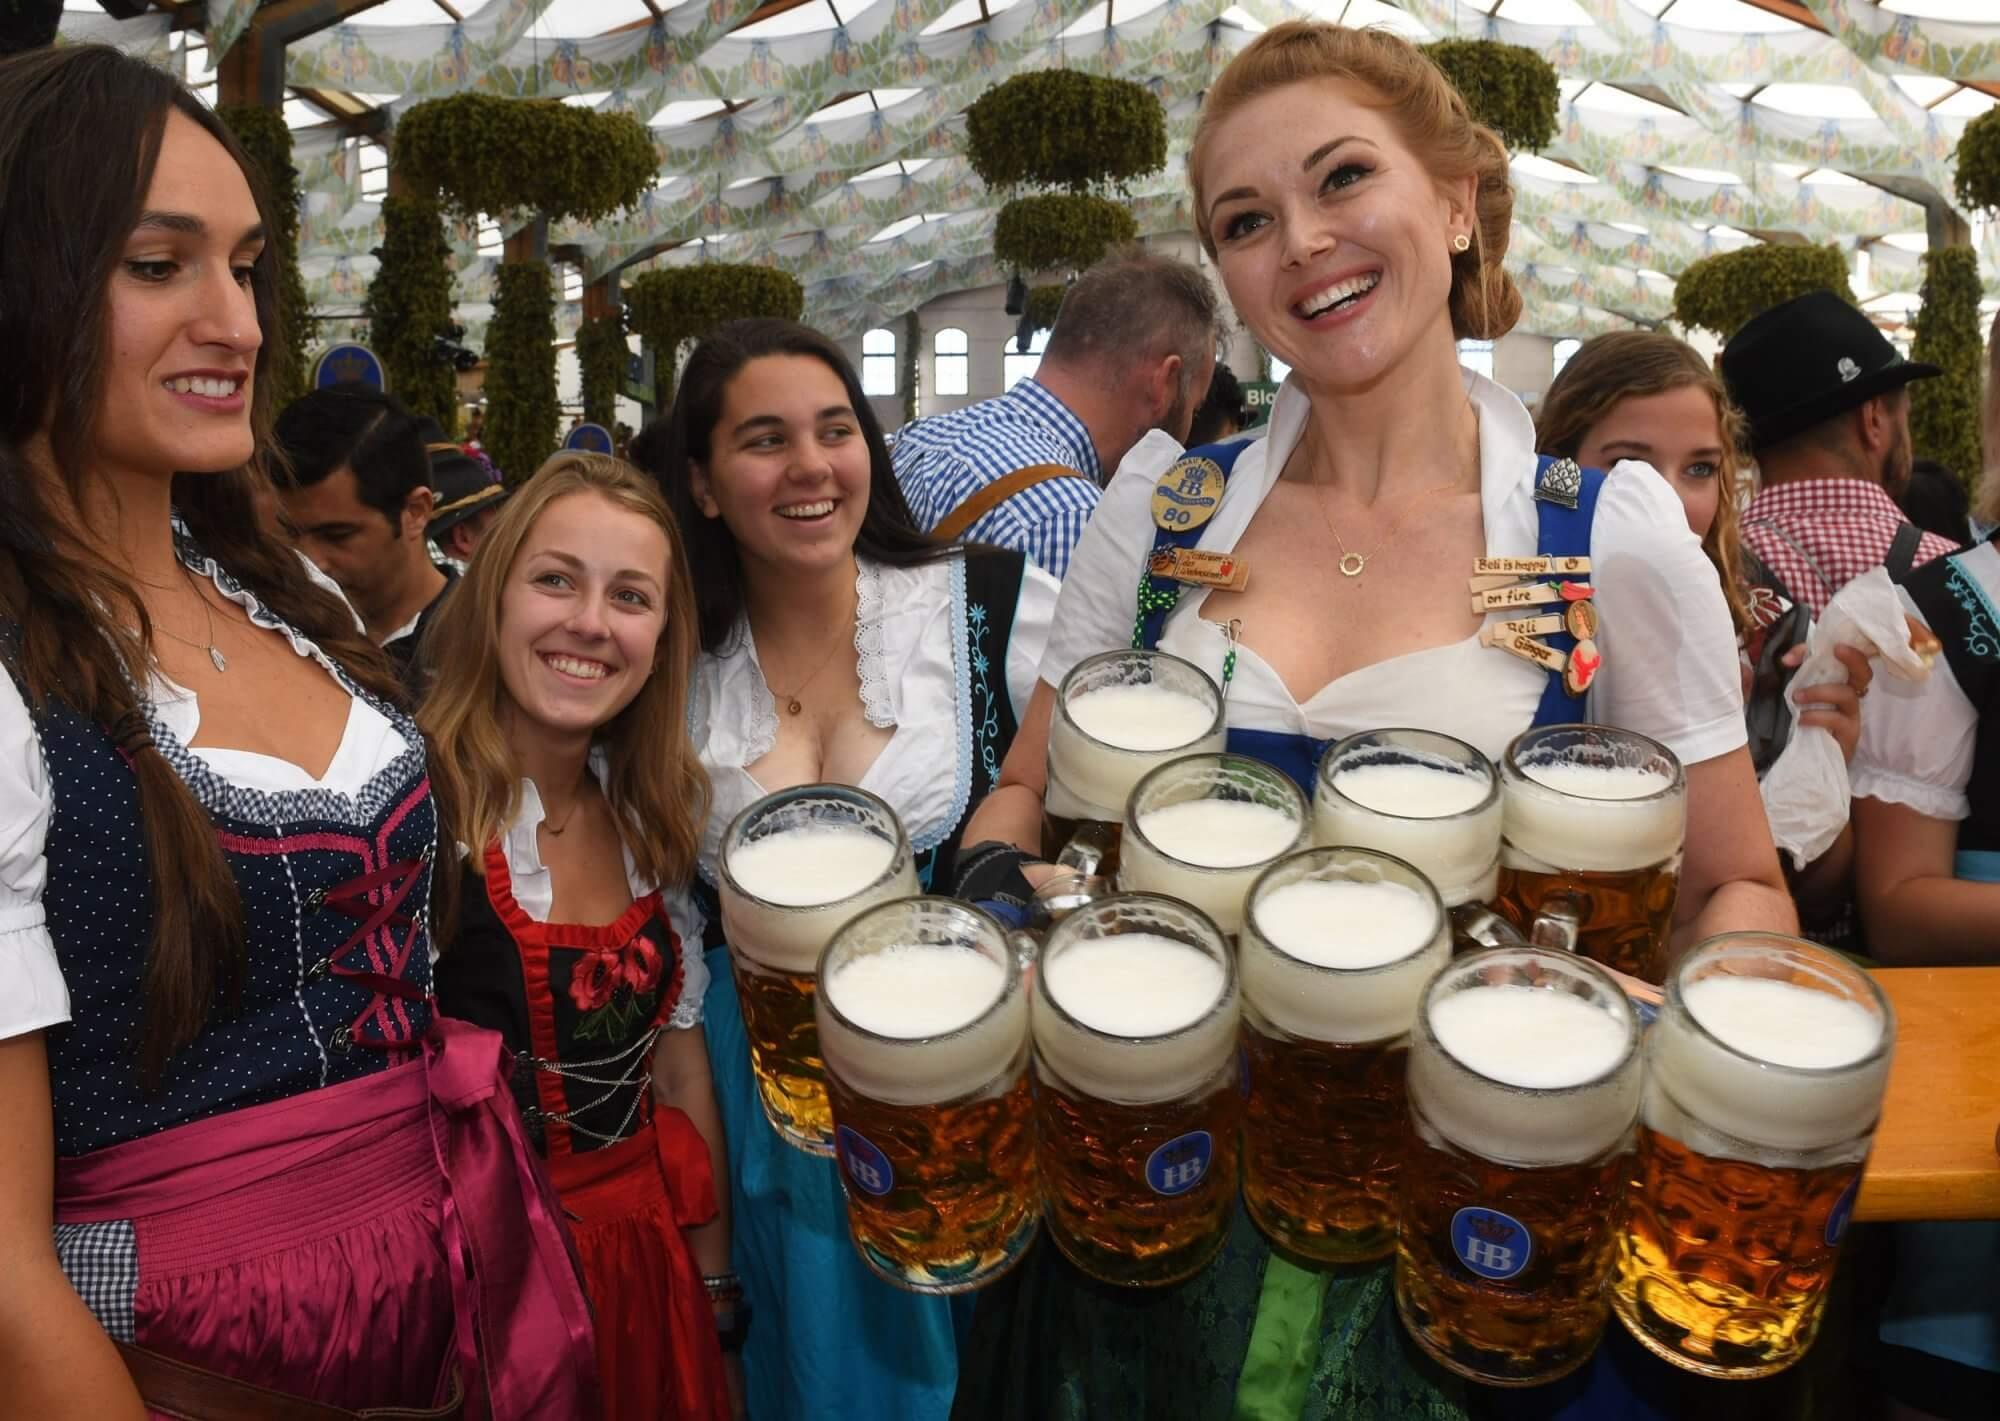 в пиве полно женских гормонов и мужчинам пить его нельзя!